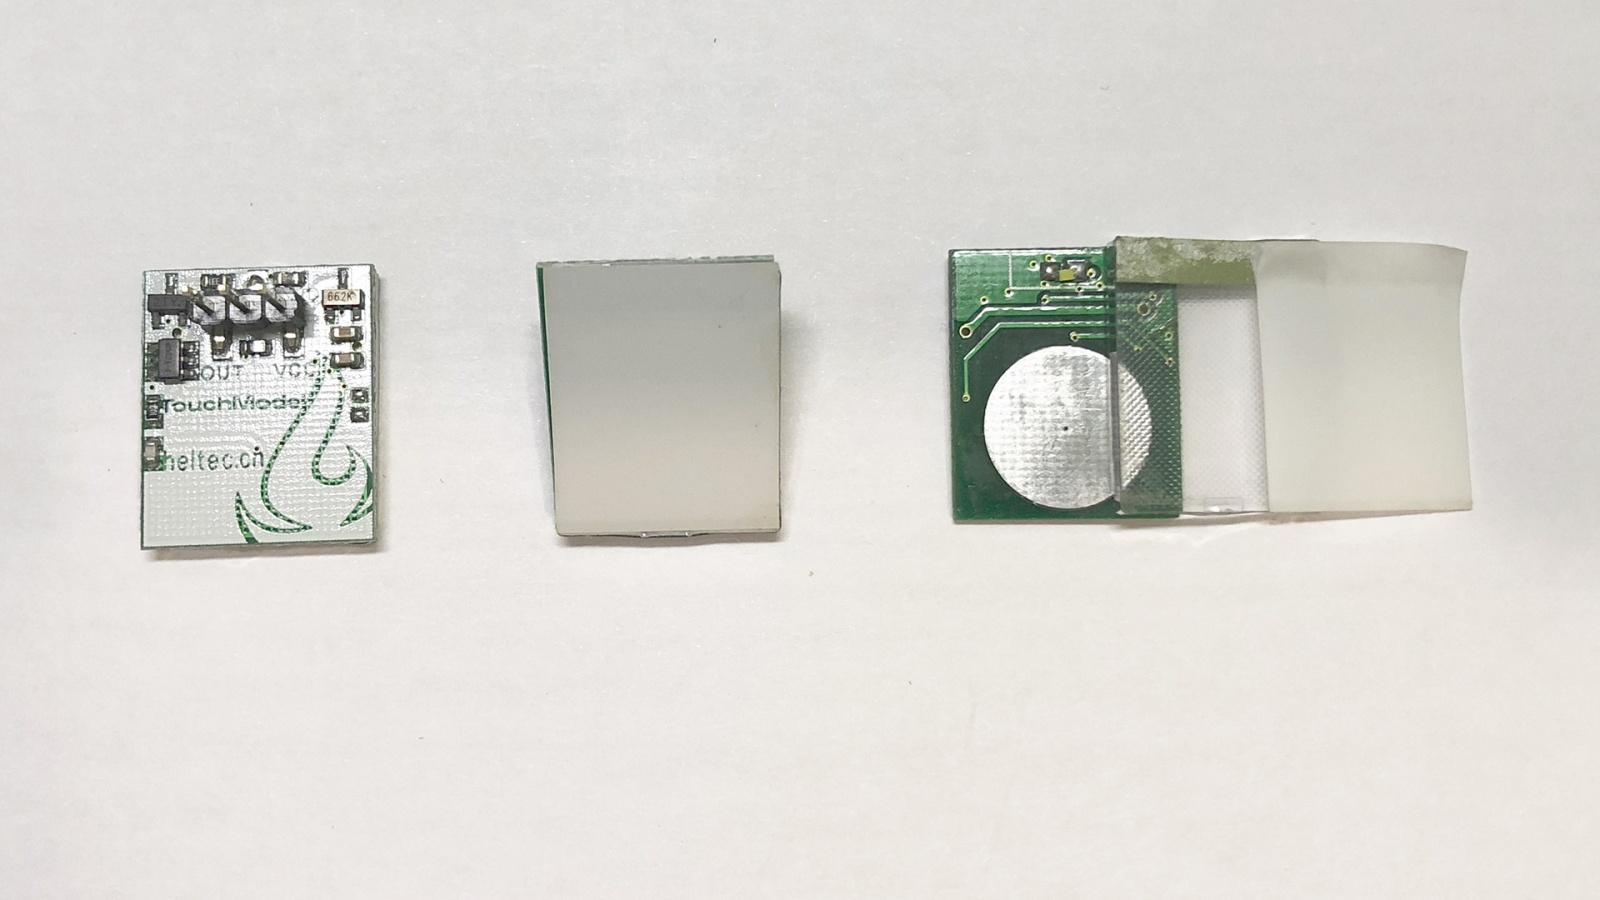 Разработка сенсорного Z-Wave выключателя на аккумуляторе со светящимися кнопками - 12